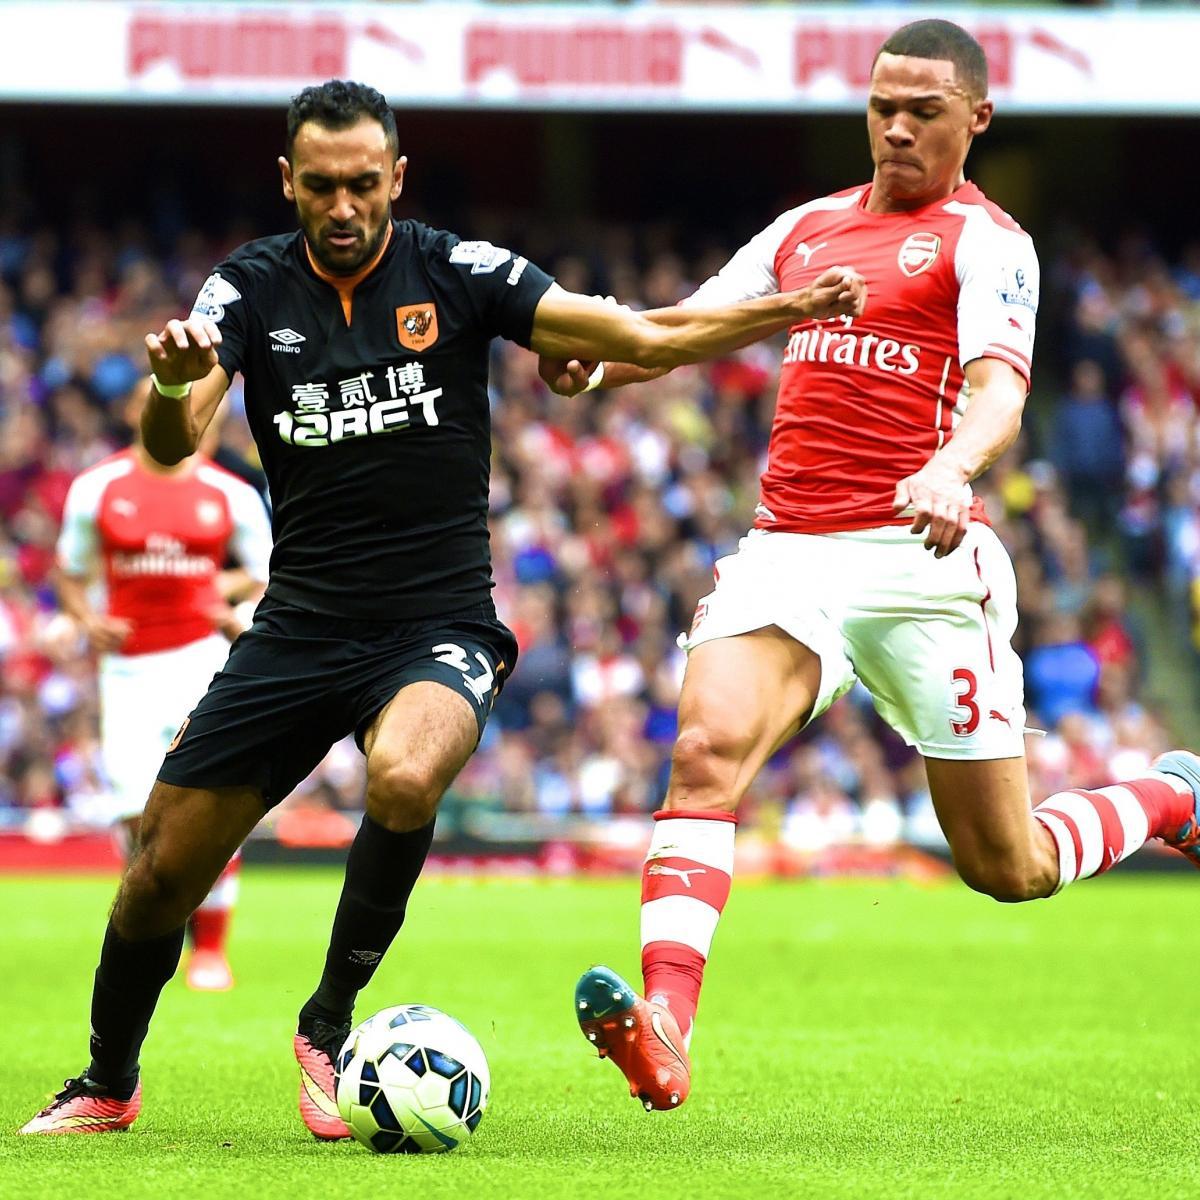 Arsenal Vs Tottenham Live Score Highlights From Premier: Arsenal Vs. Hull City: Live Score, Highlights From Premier